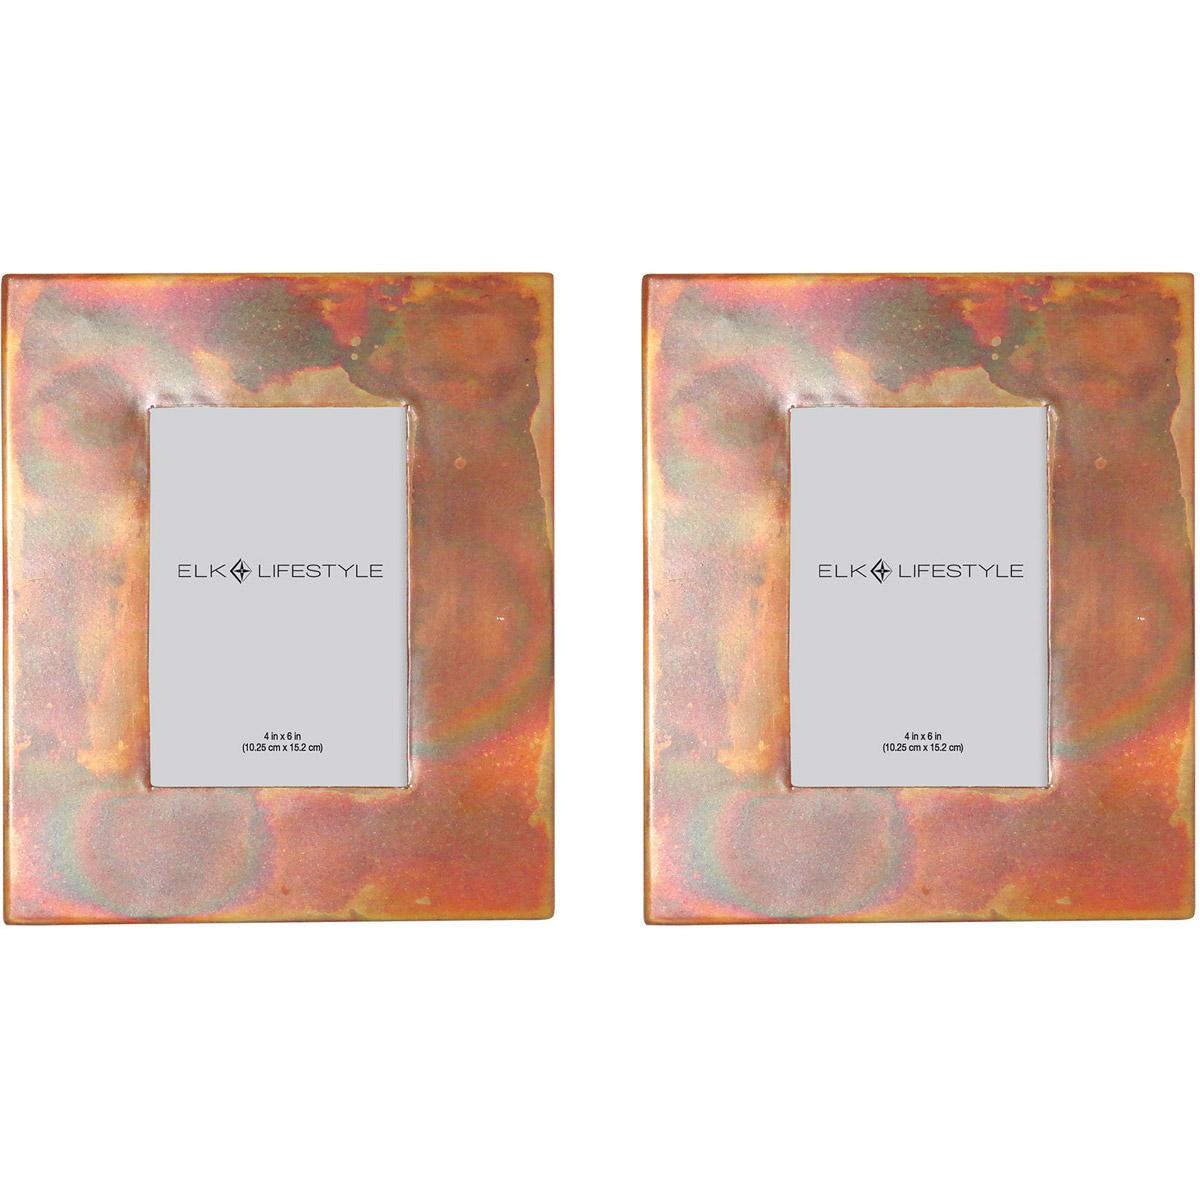 Pomeroy 647499/S2 Burnham 10 X 8 inch Frame, 4x6 769072647499   eBay